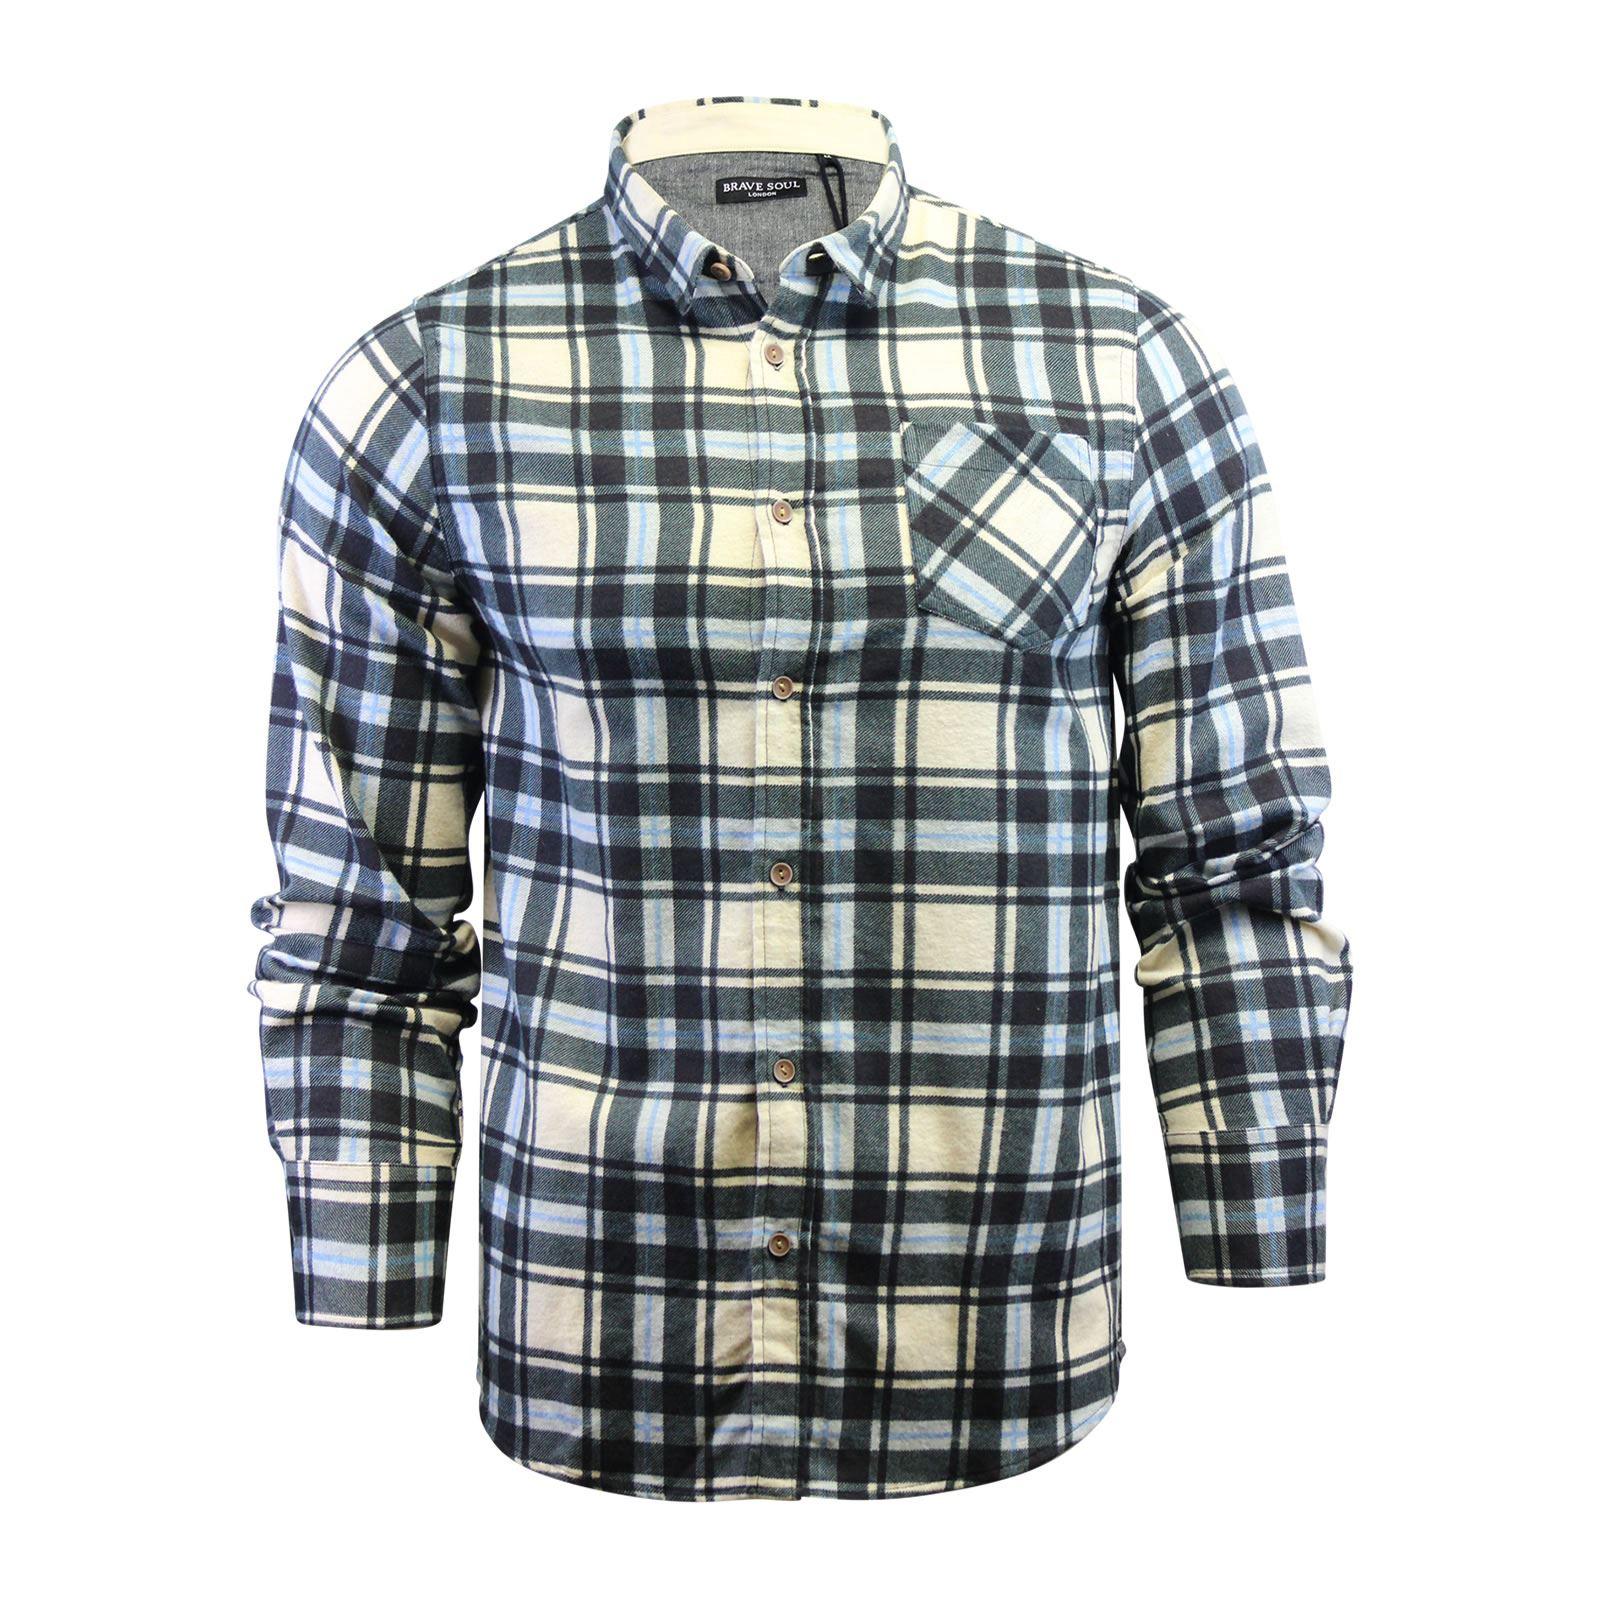 Alma-VALIENTE-HOMBRE-compruebe-Camisa-Algodon-Cepillado-De-Franela-Top-Manga-Larga-Casual miniatura 27